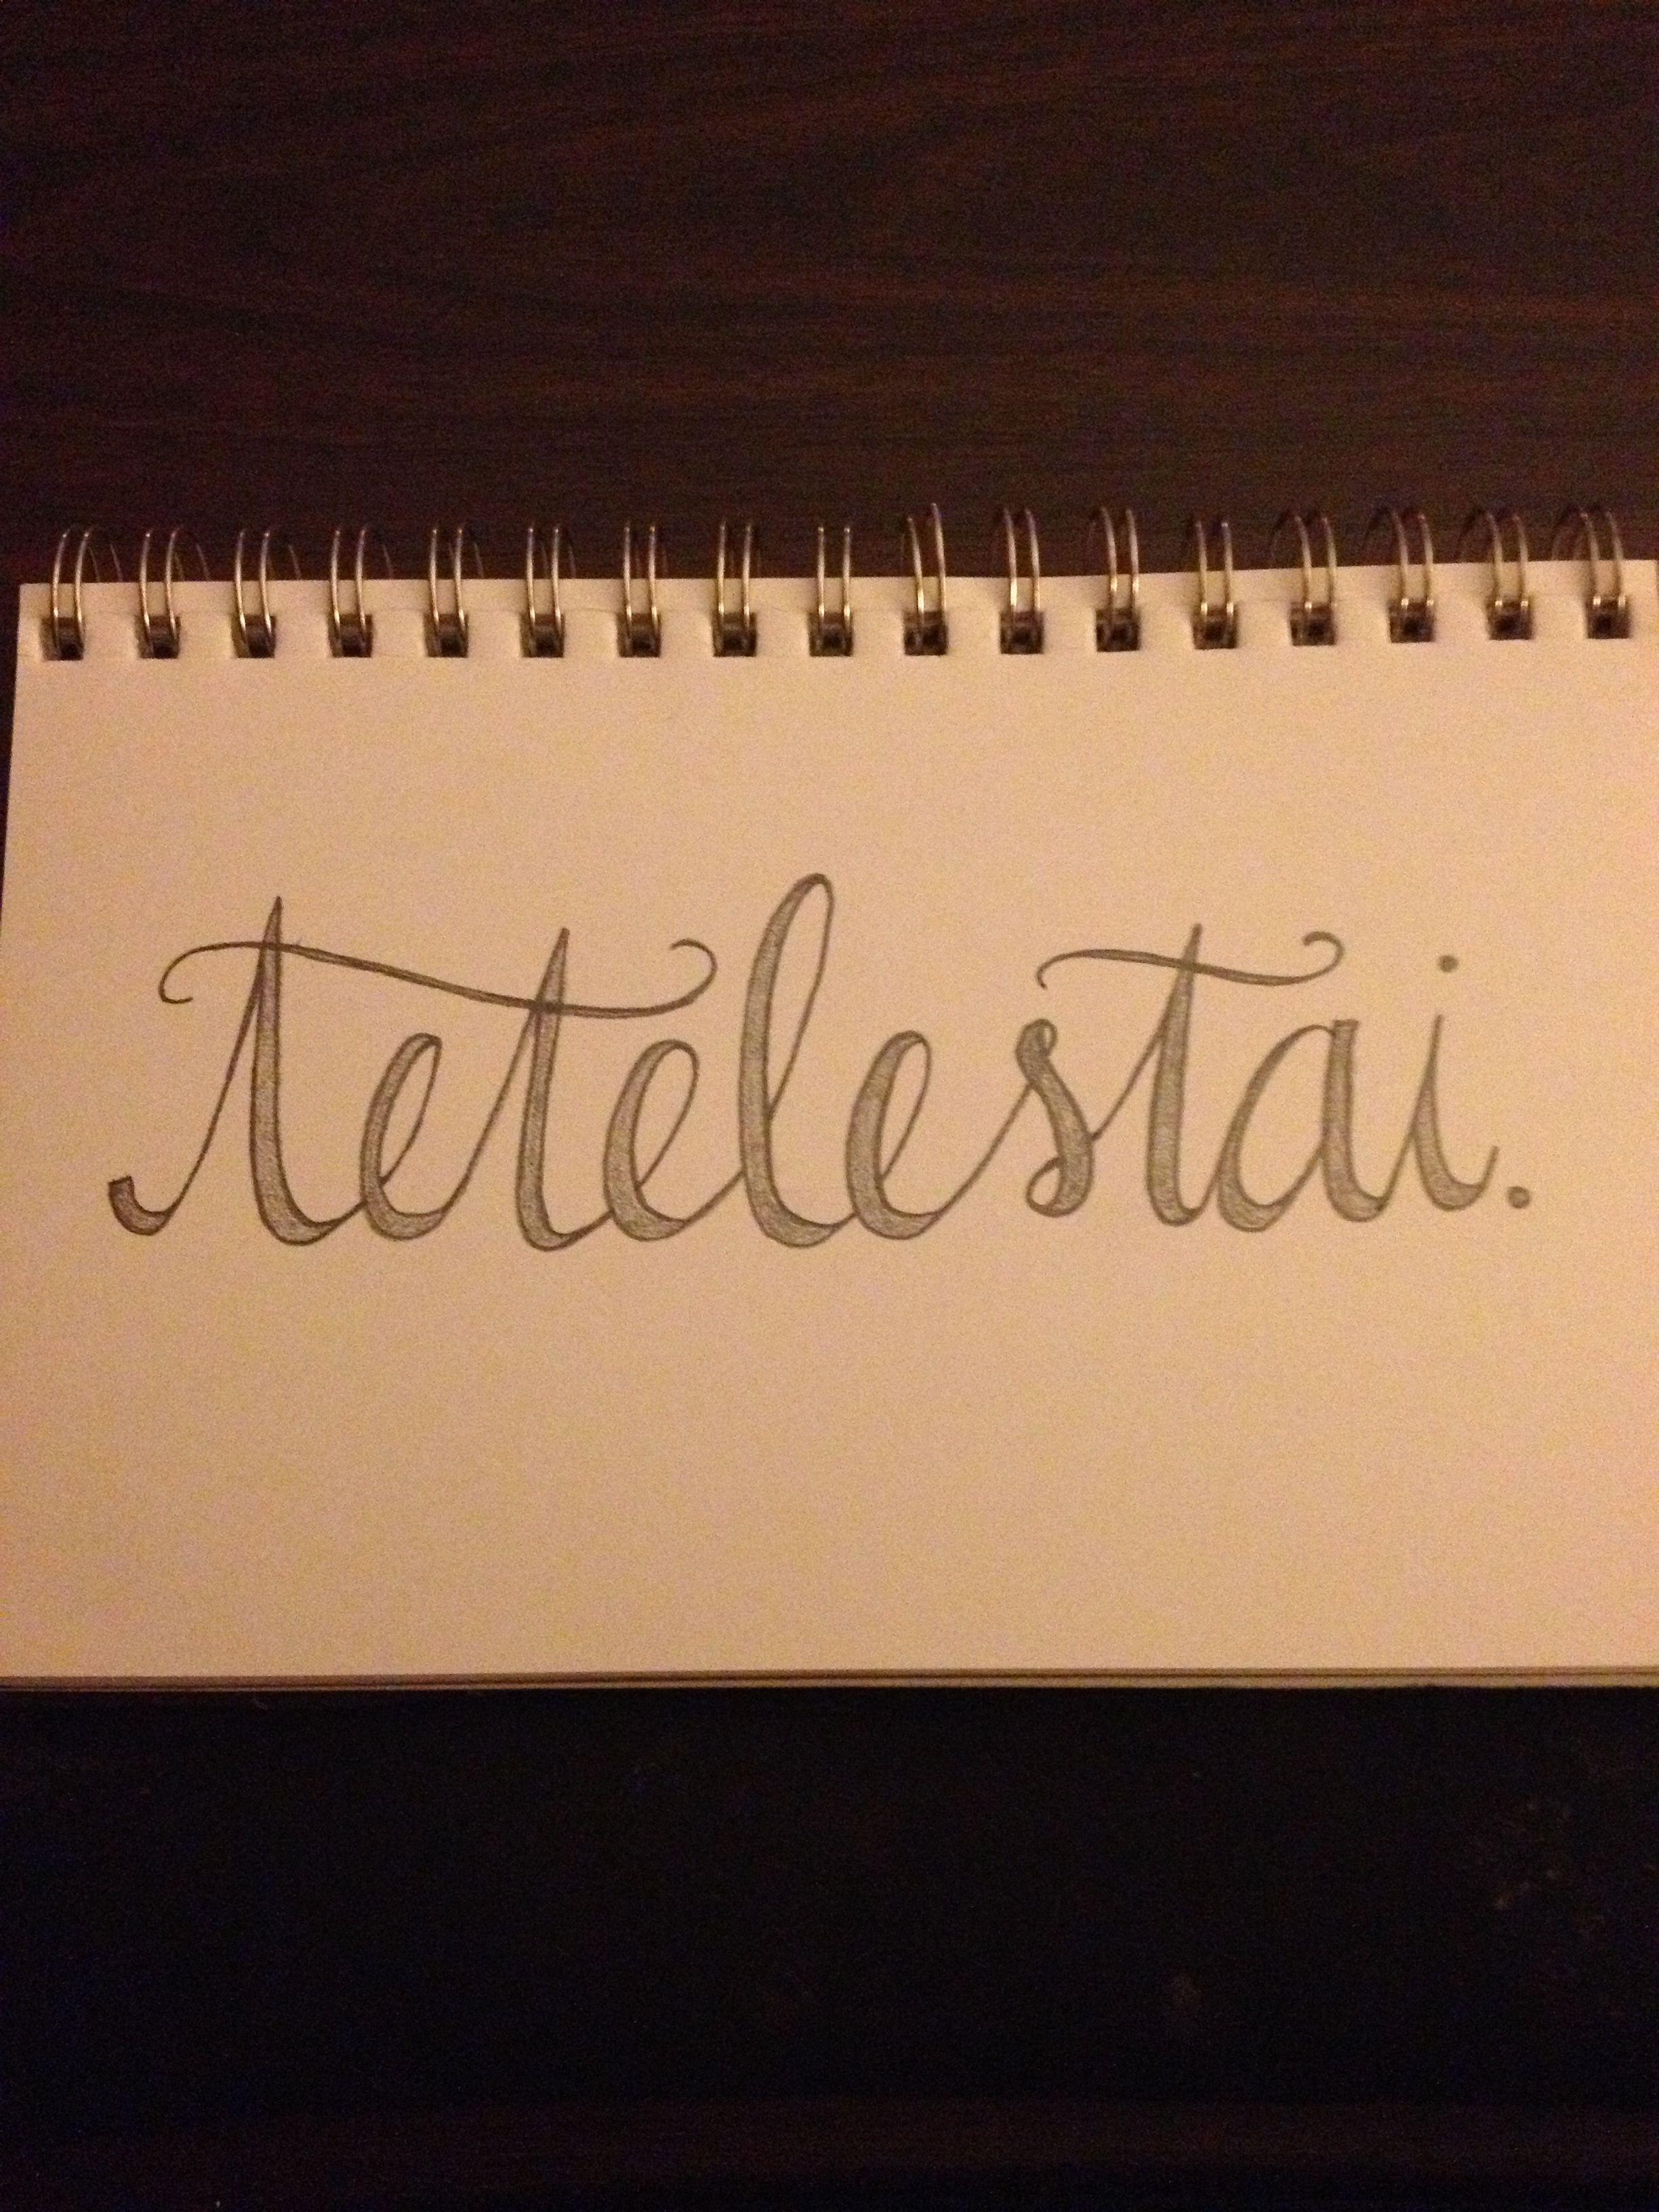 doodle tetelestai s last words before breathing